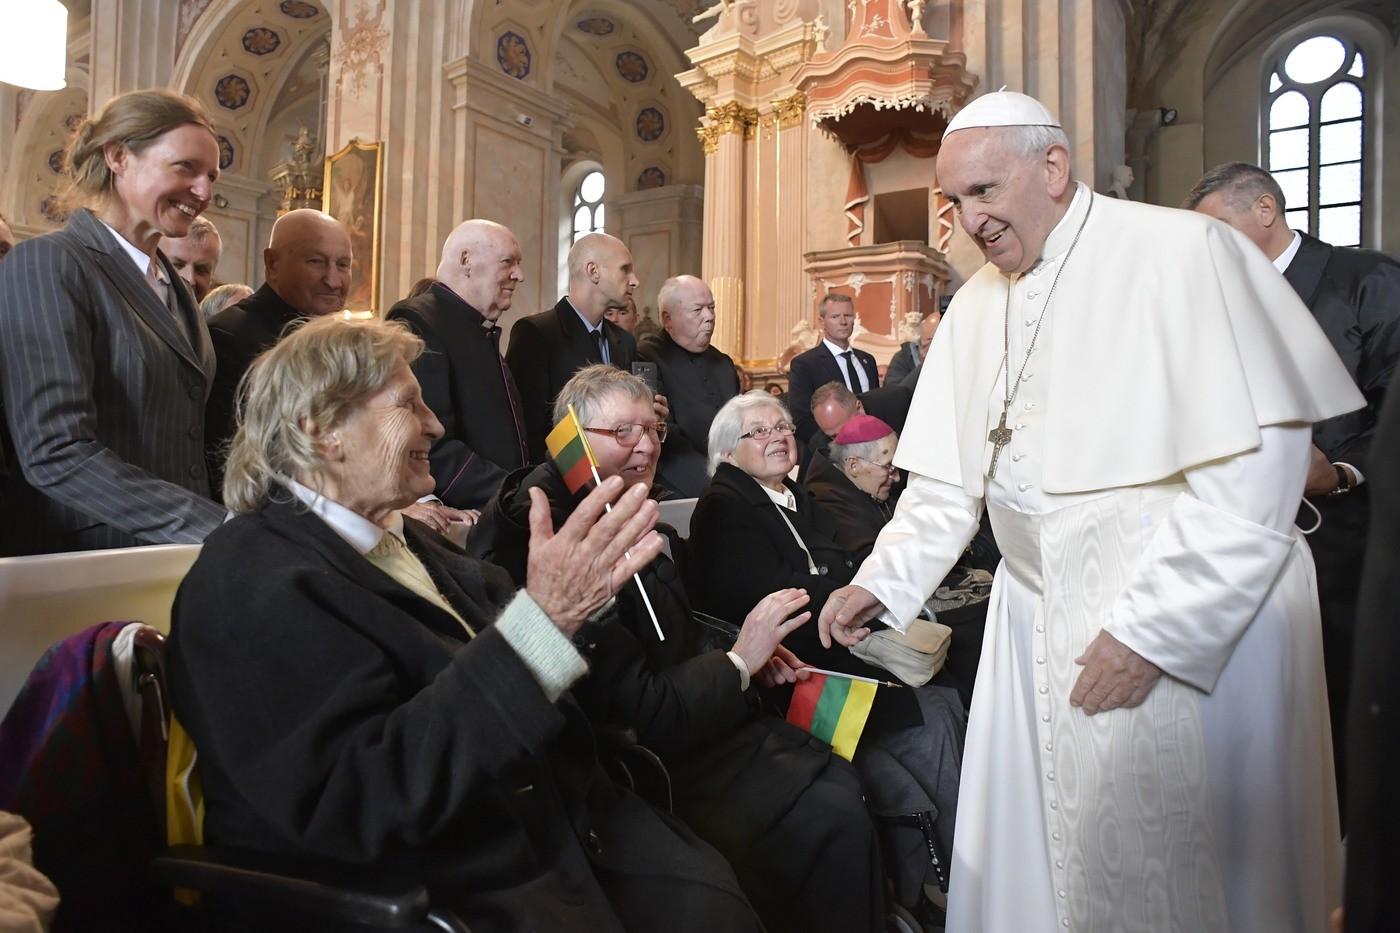 """Lituania, monito del Papa: """"Non seguire mai più i canti di sirena delle ideologie naziste"""""""